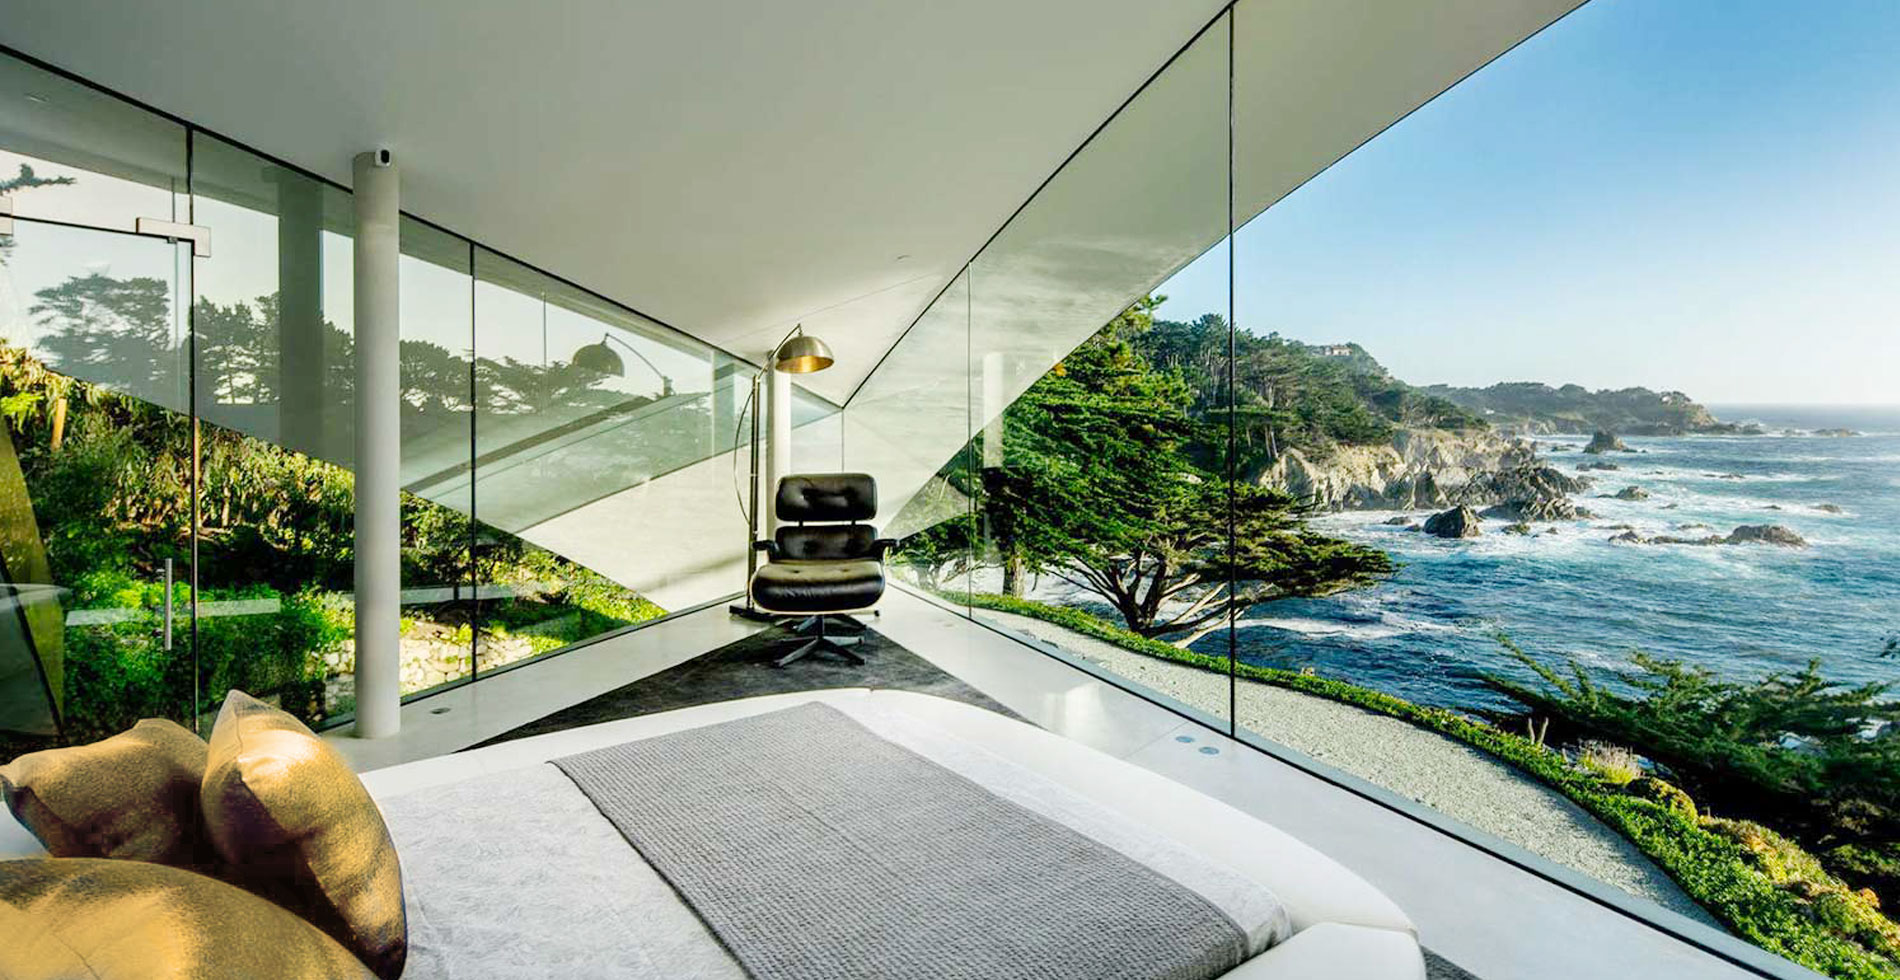 1960s interior design iconic